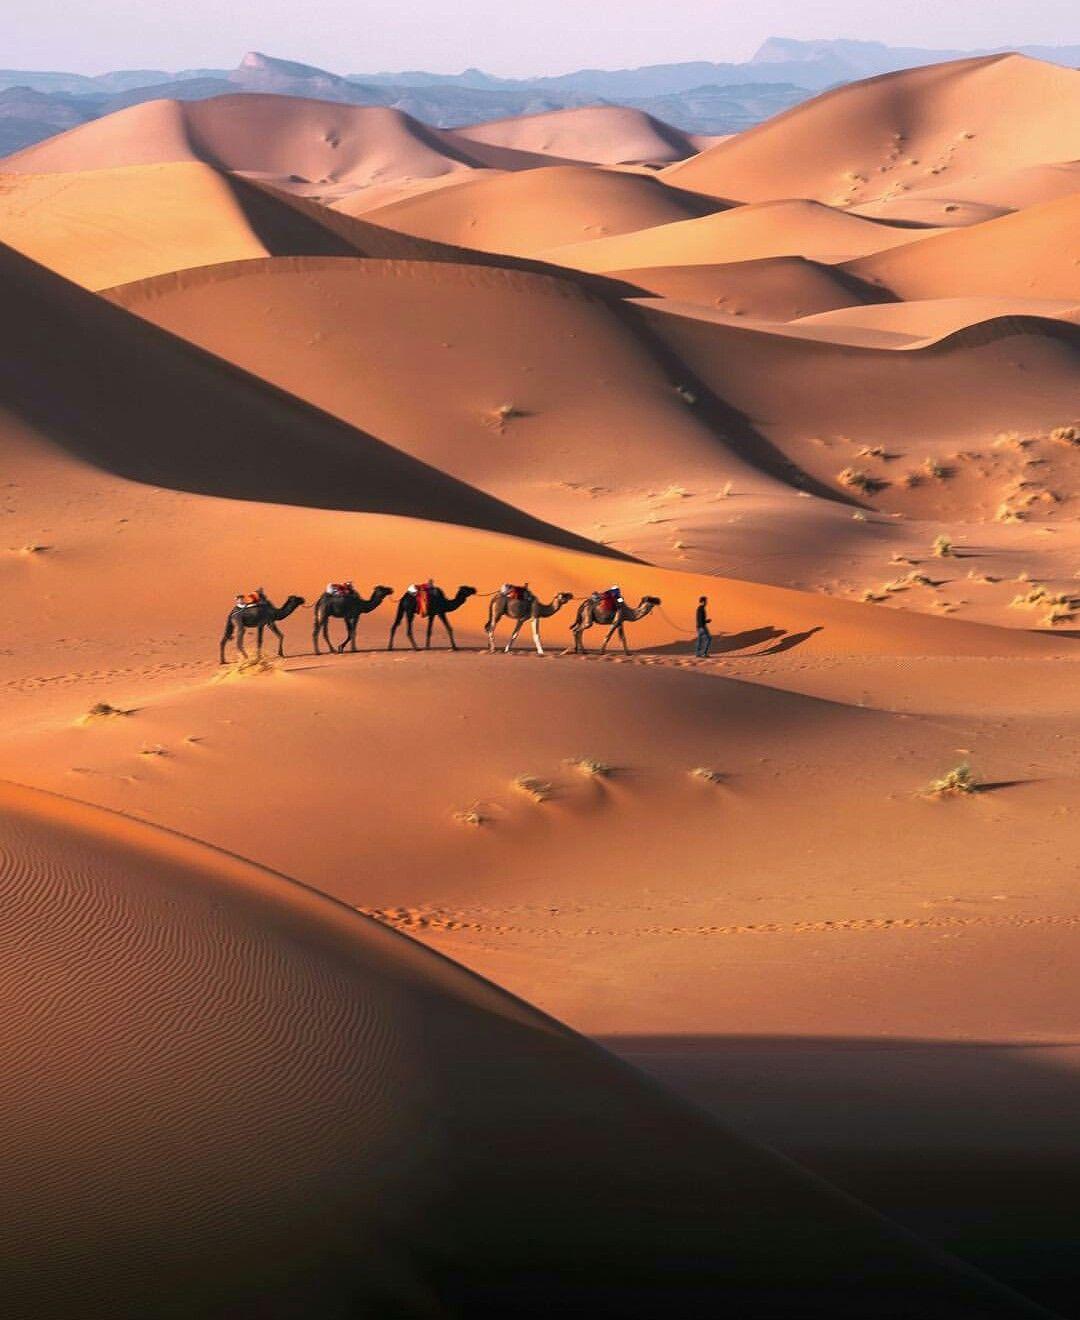 sahara desert images - 736×833